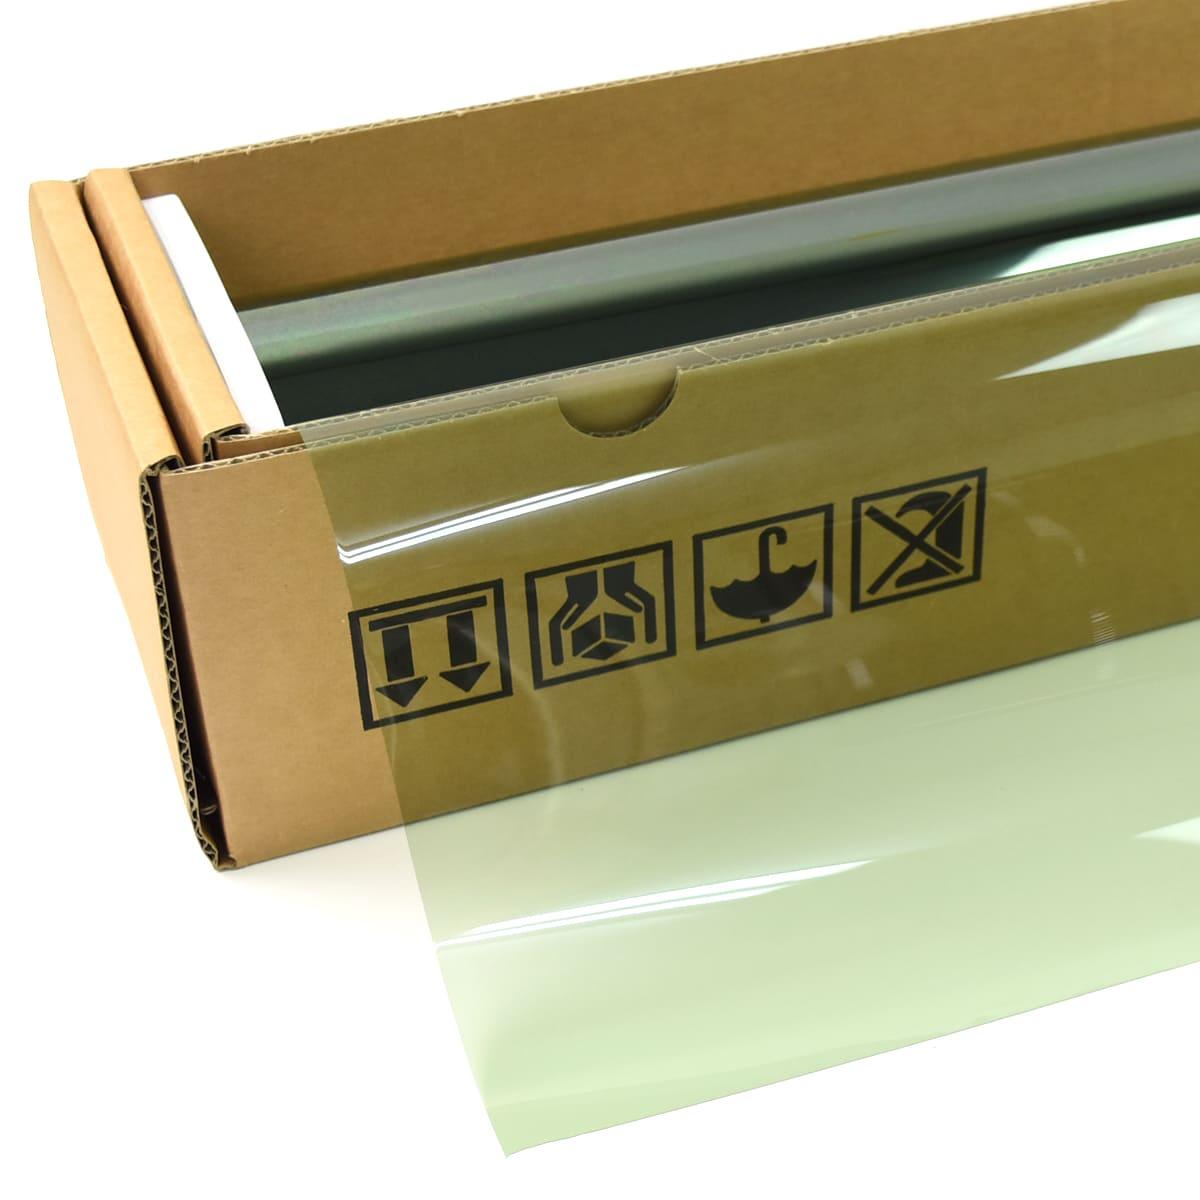 <title>注目ブランド カーフィルムロール箱売 HPグリーンメタル60 64% 50cm幅x30mロール箱売 #HP60GN20 Roll#</title>